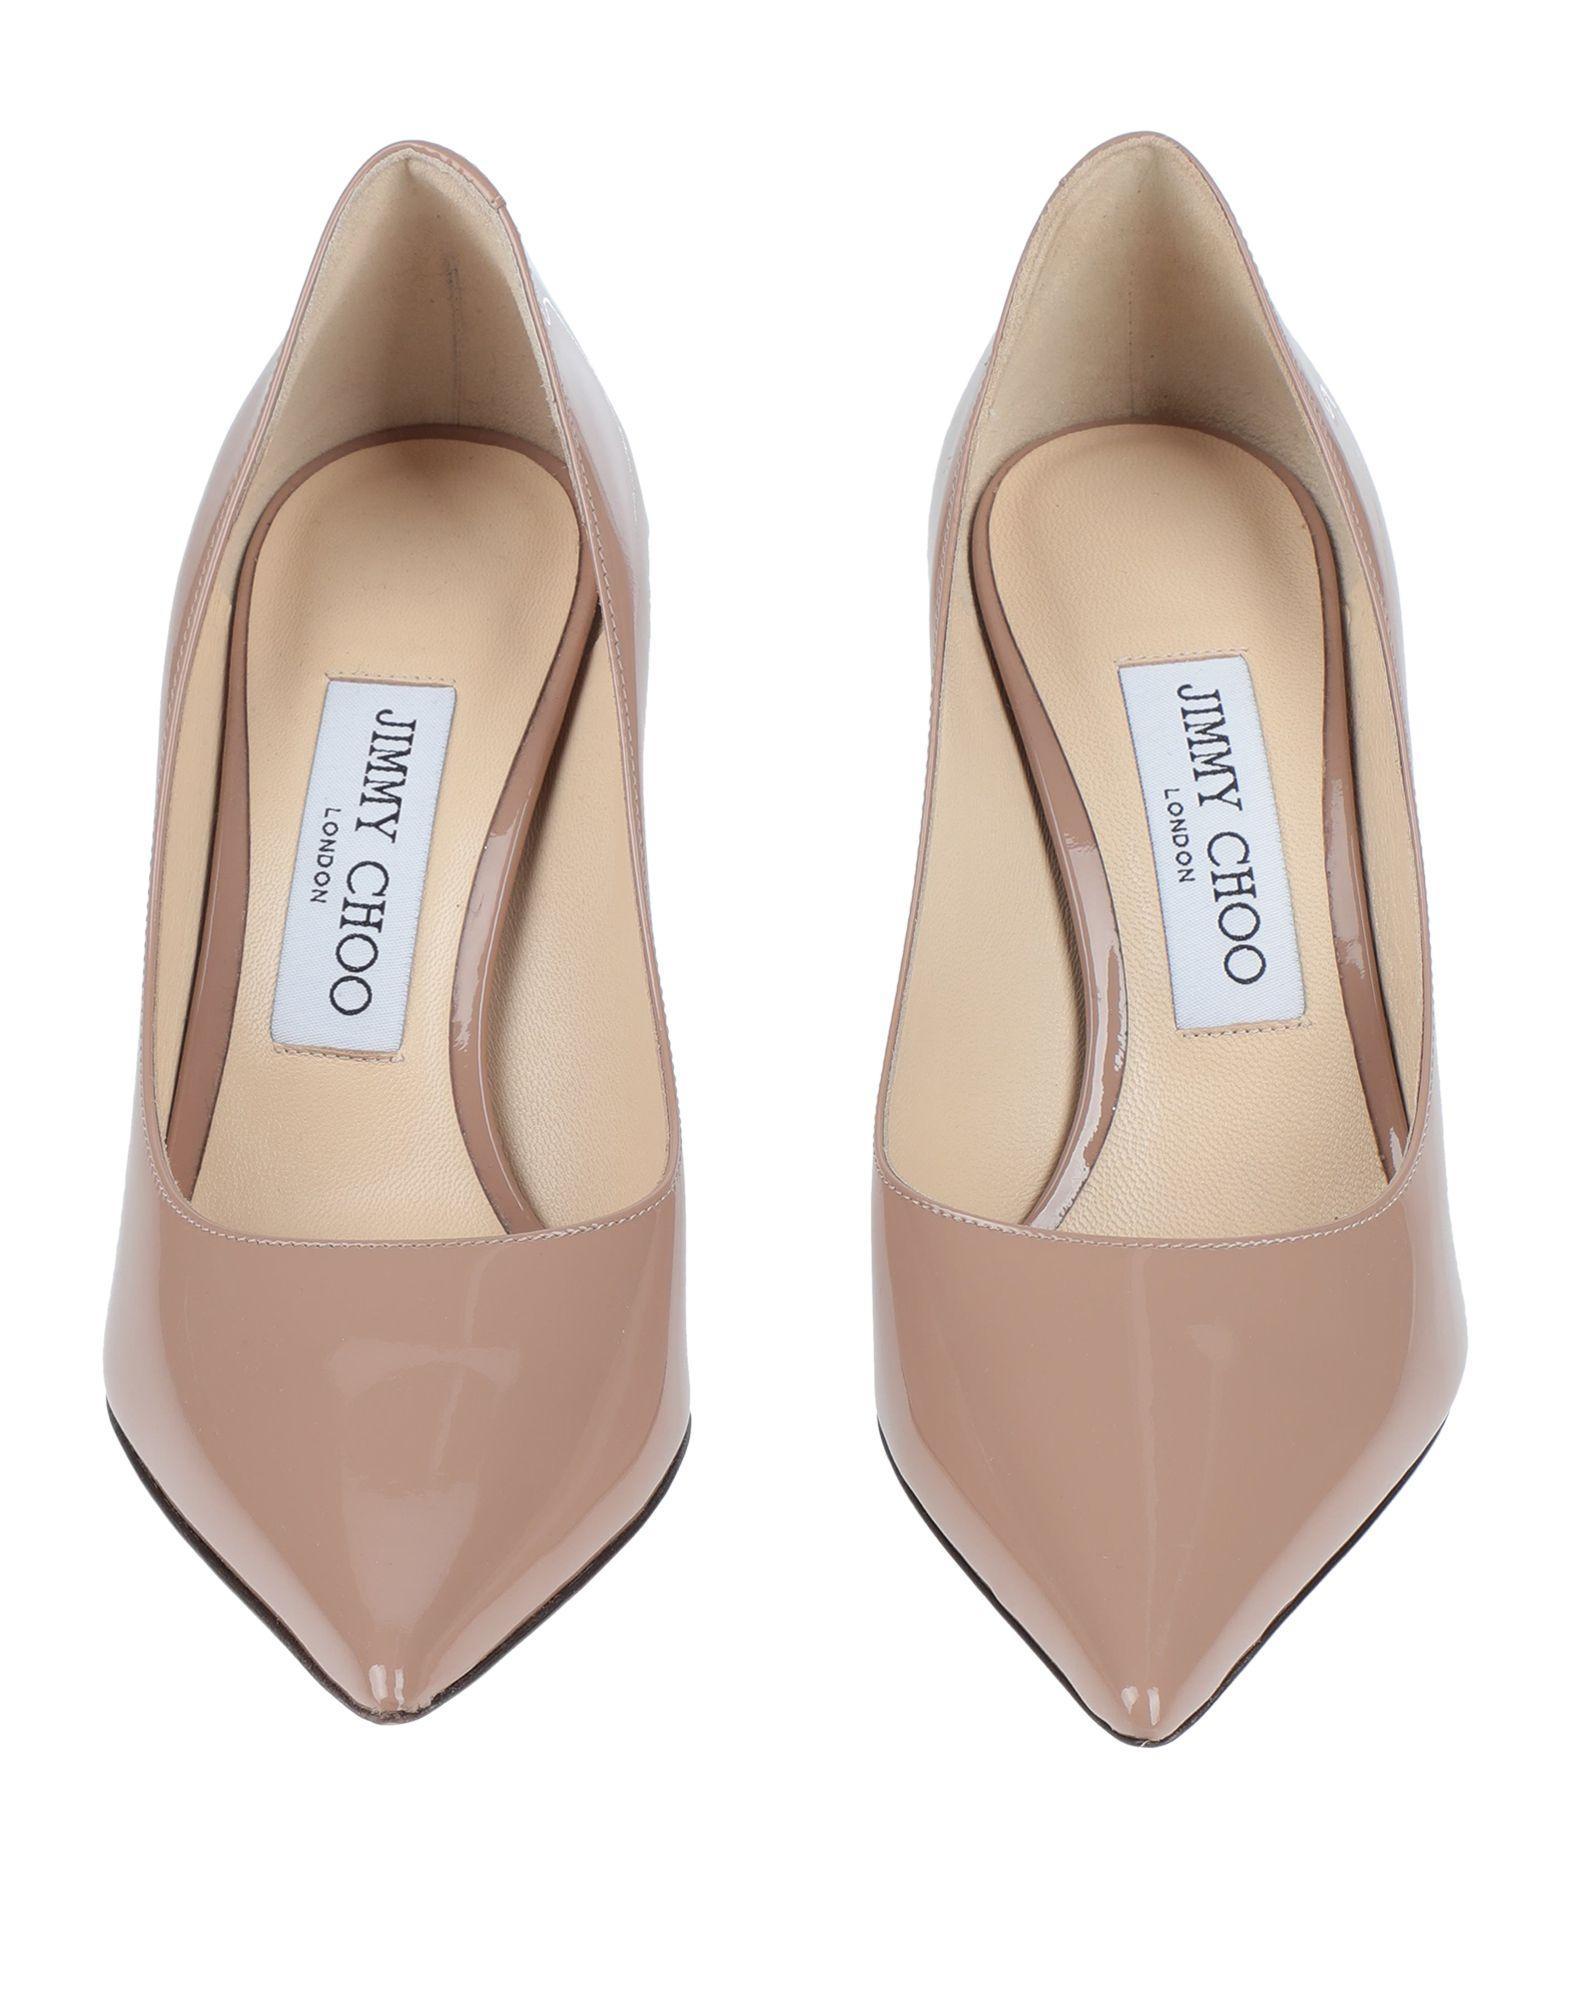 Zapatos de salón Jimmy Choo de Cuero de color Rosa